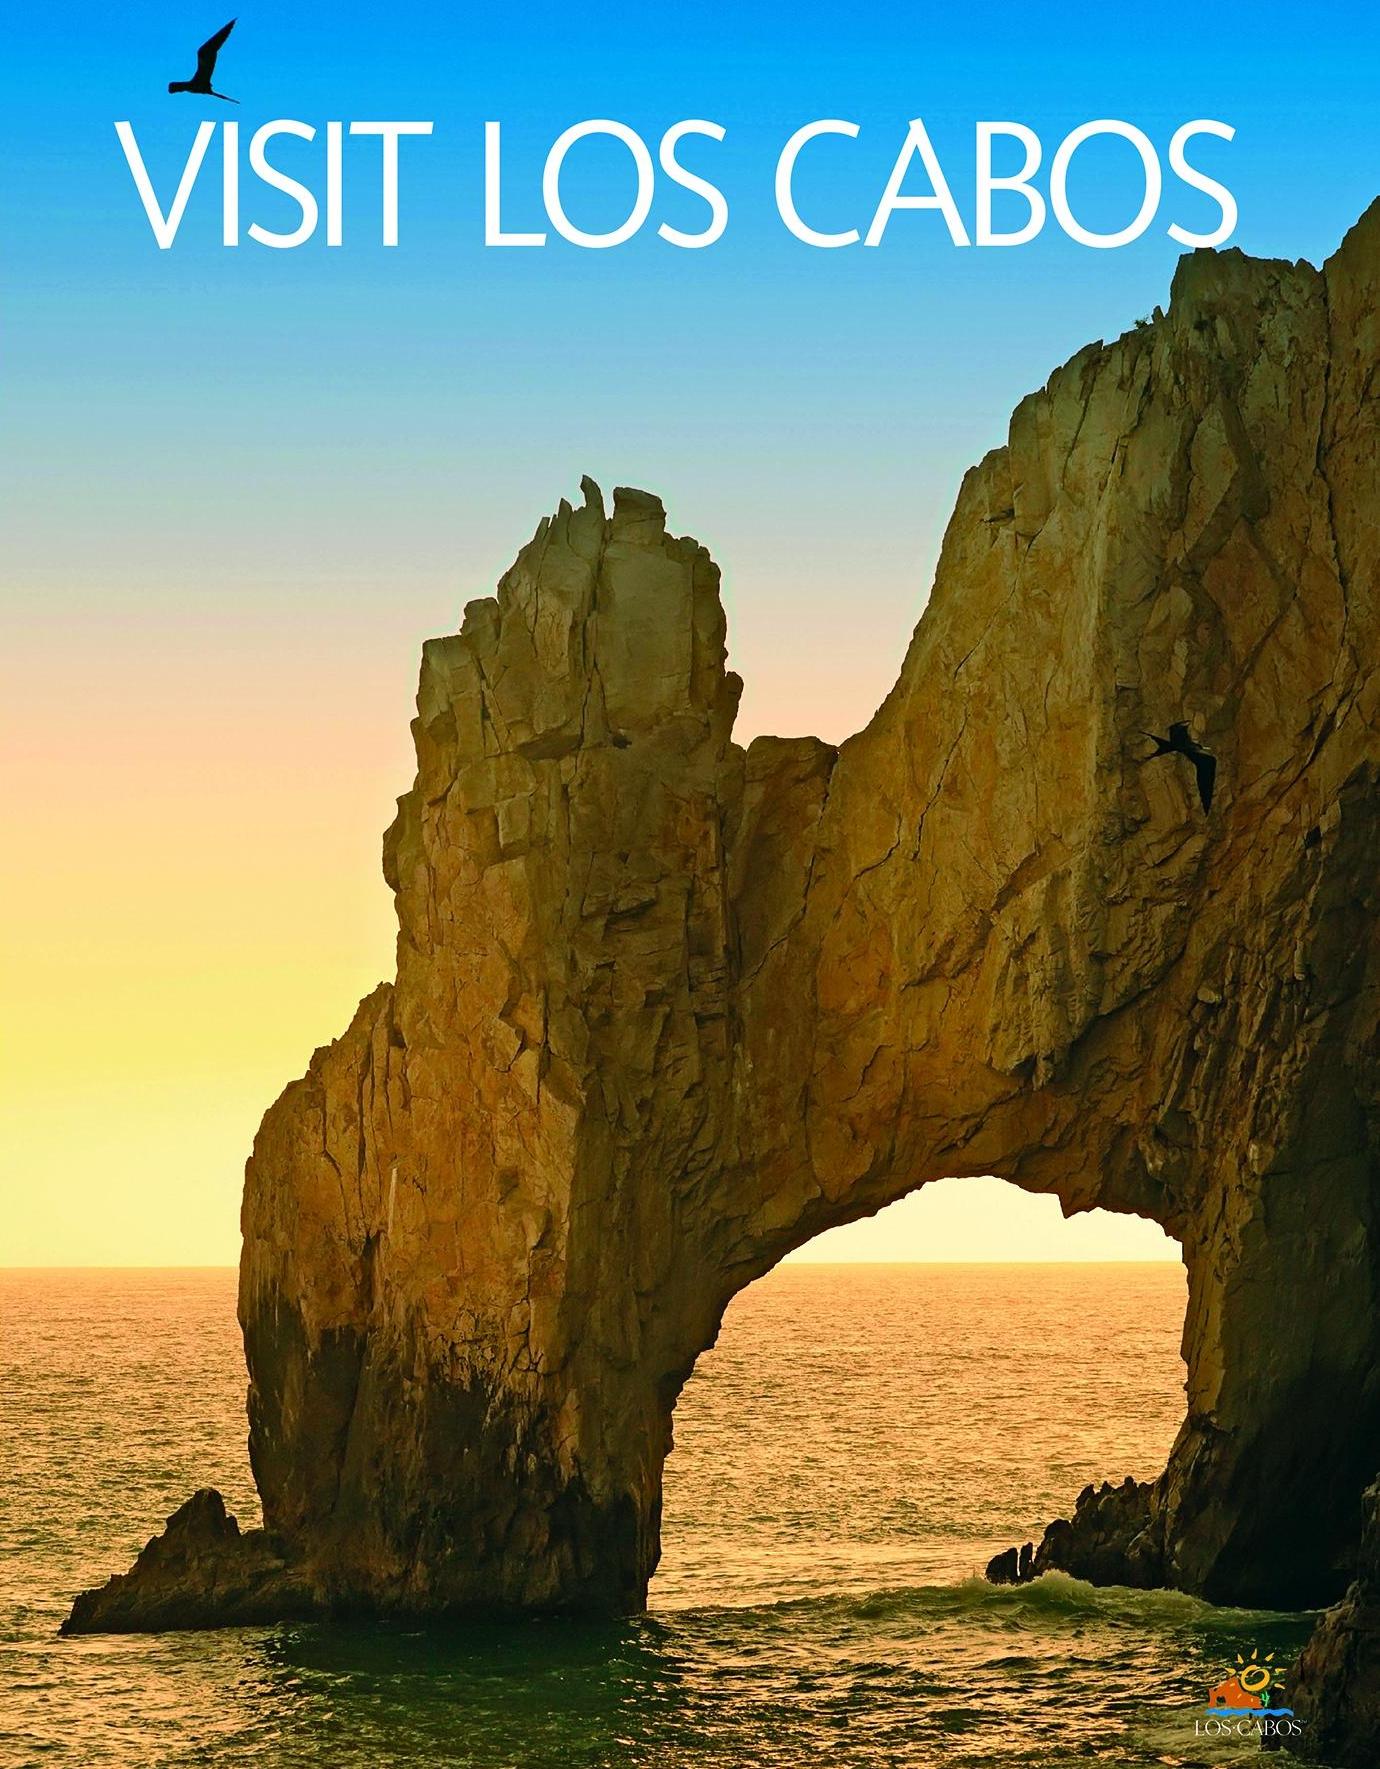 Visit Los Cabos